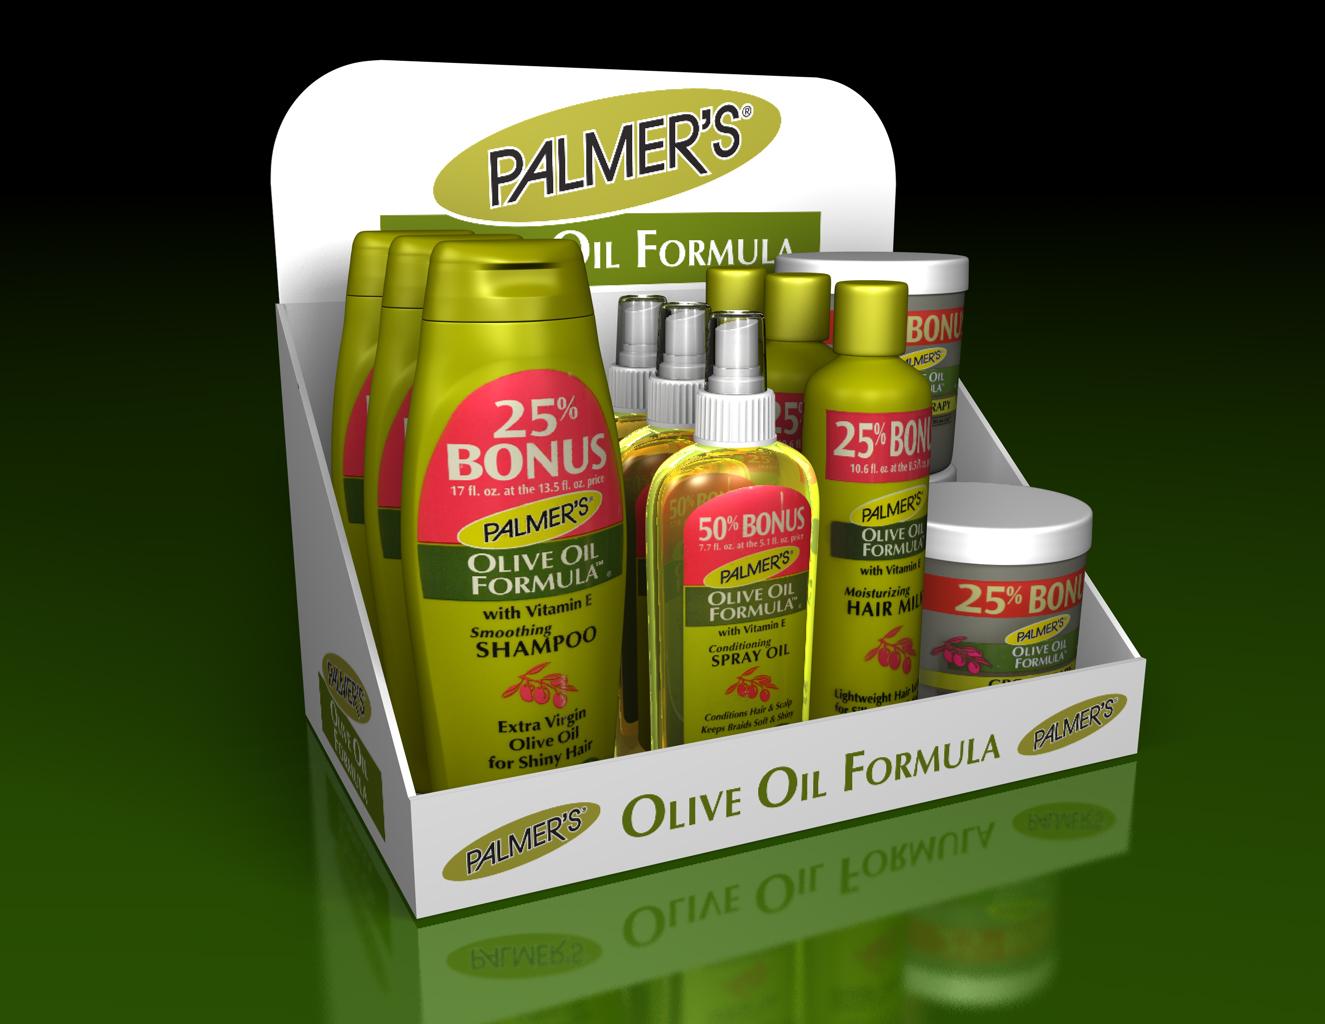 Bonus Olive Oil Formula Display.jpg